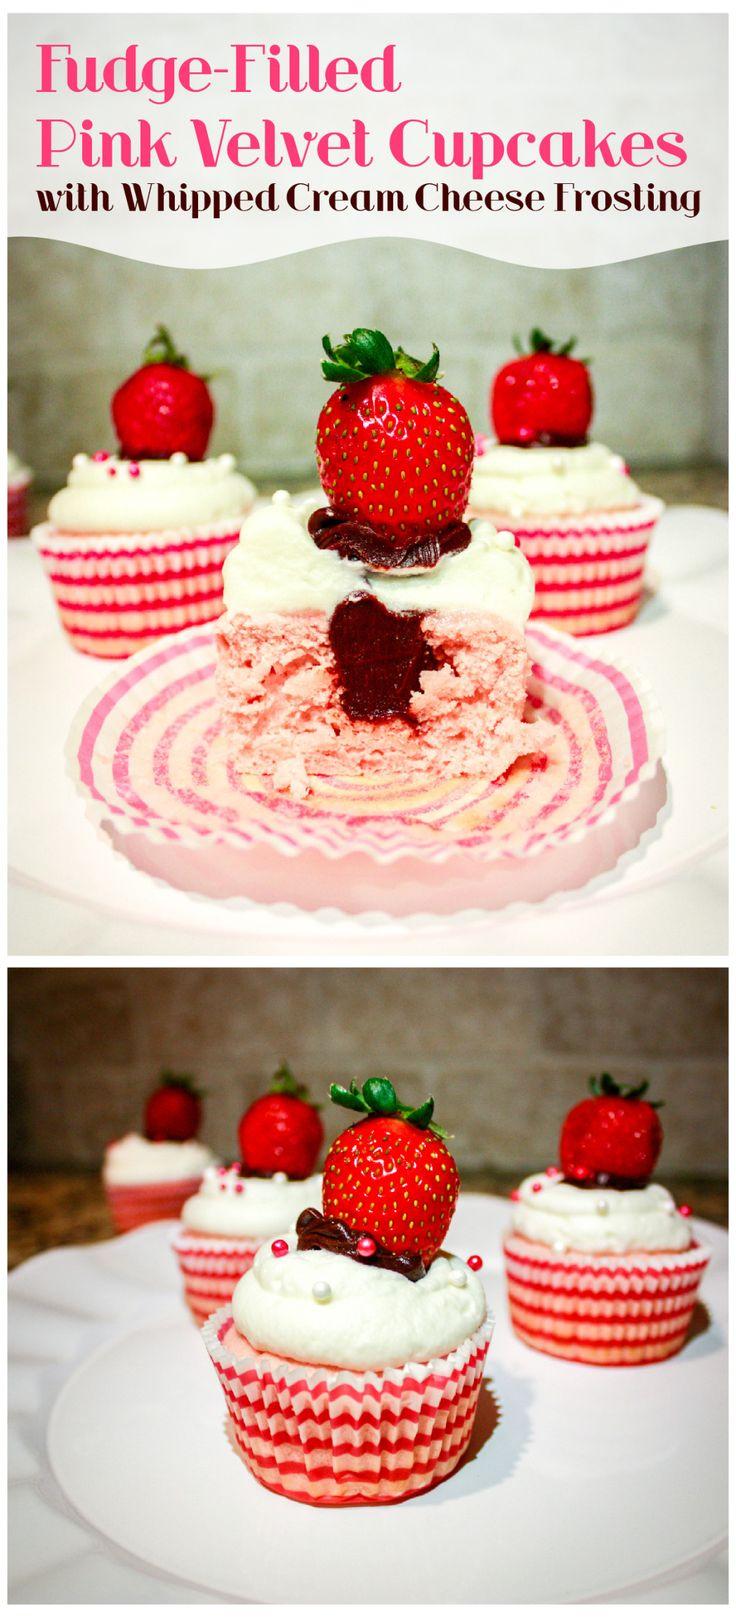 Best 10+ Pink Velvet Cupcakes Ideas On Pinterest | Velvet Cupcakes